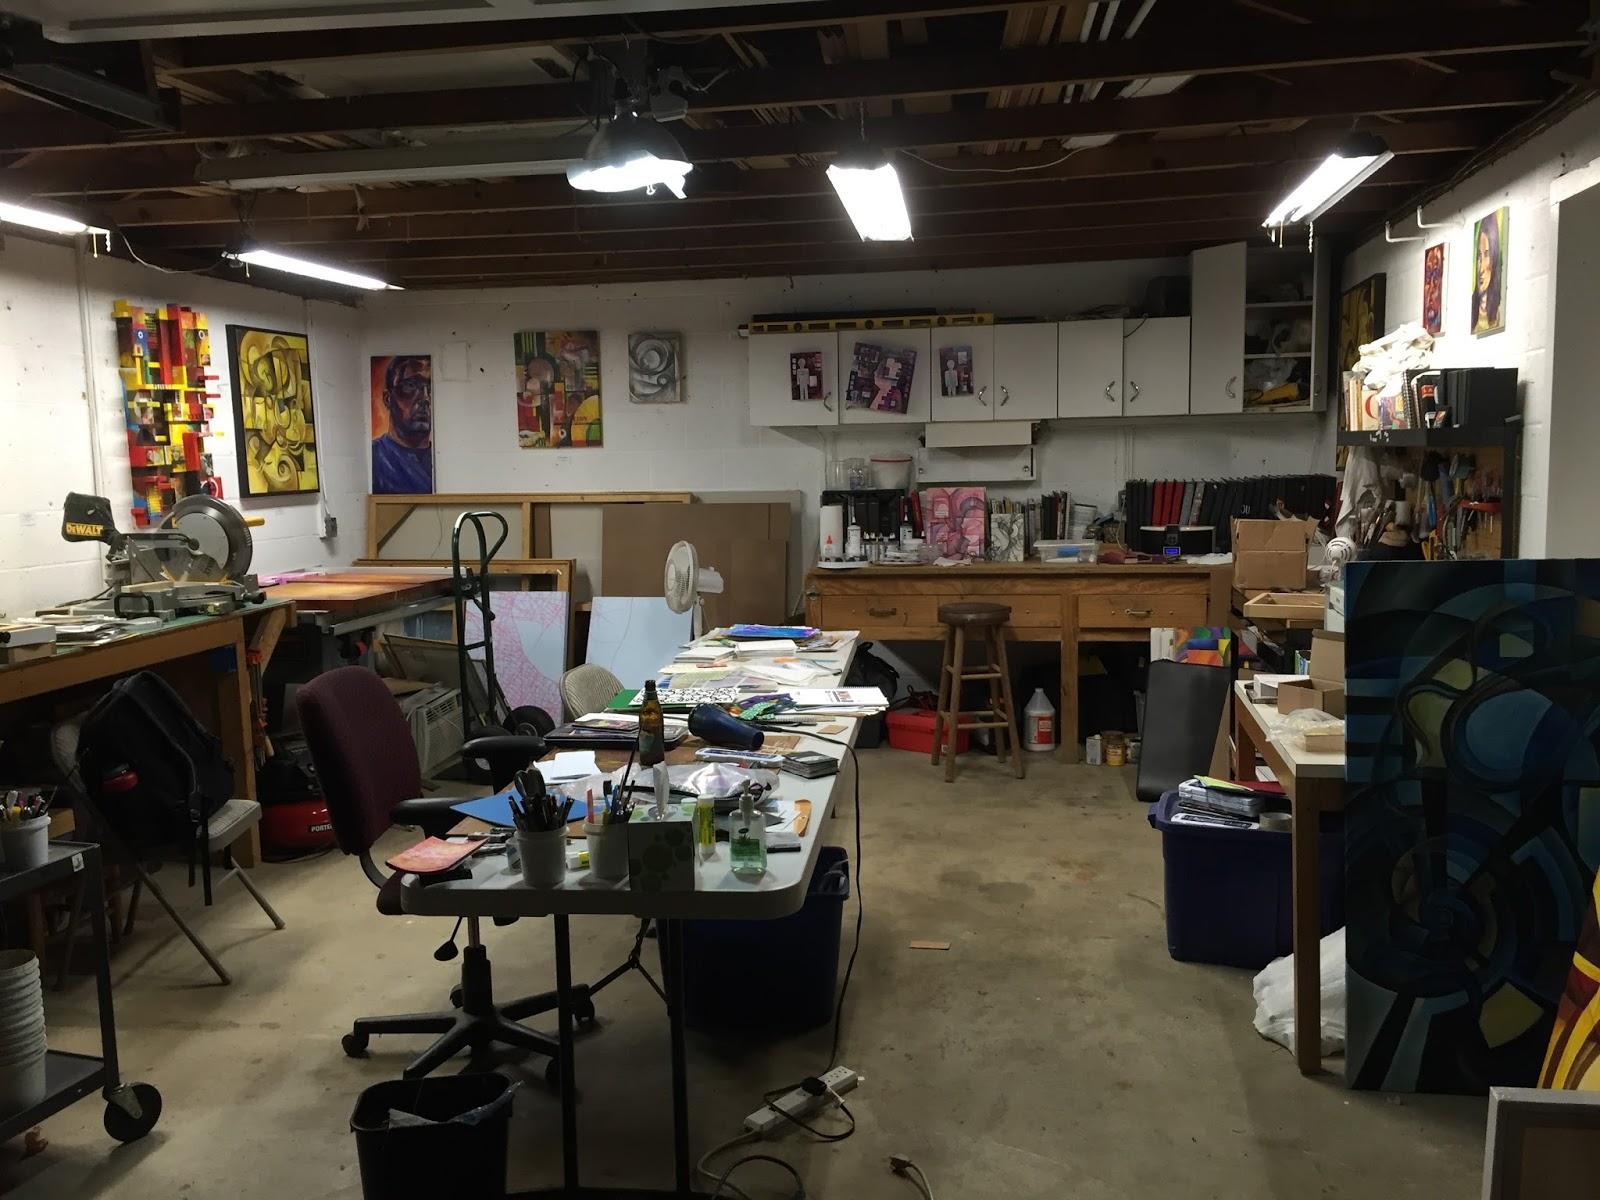 journal fodder junkies studio clean up rh journalfodderjunkies blogspot com visual studio clean up nuget packages visual studio clean up indentation